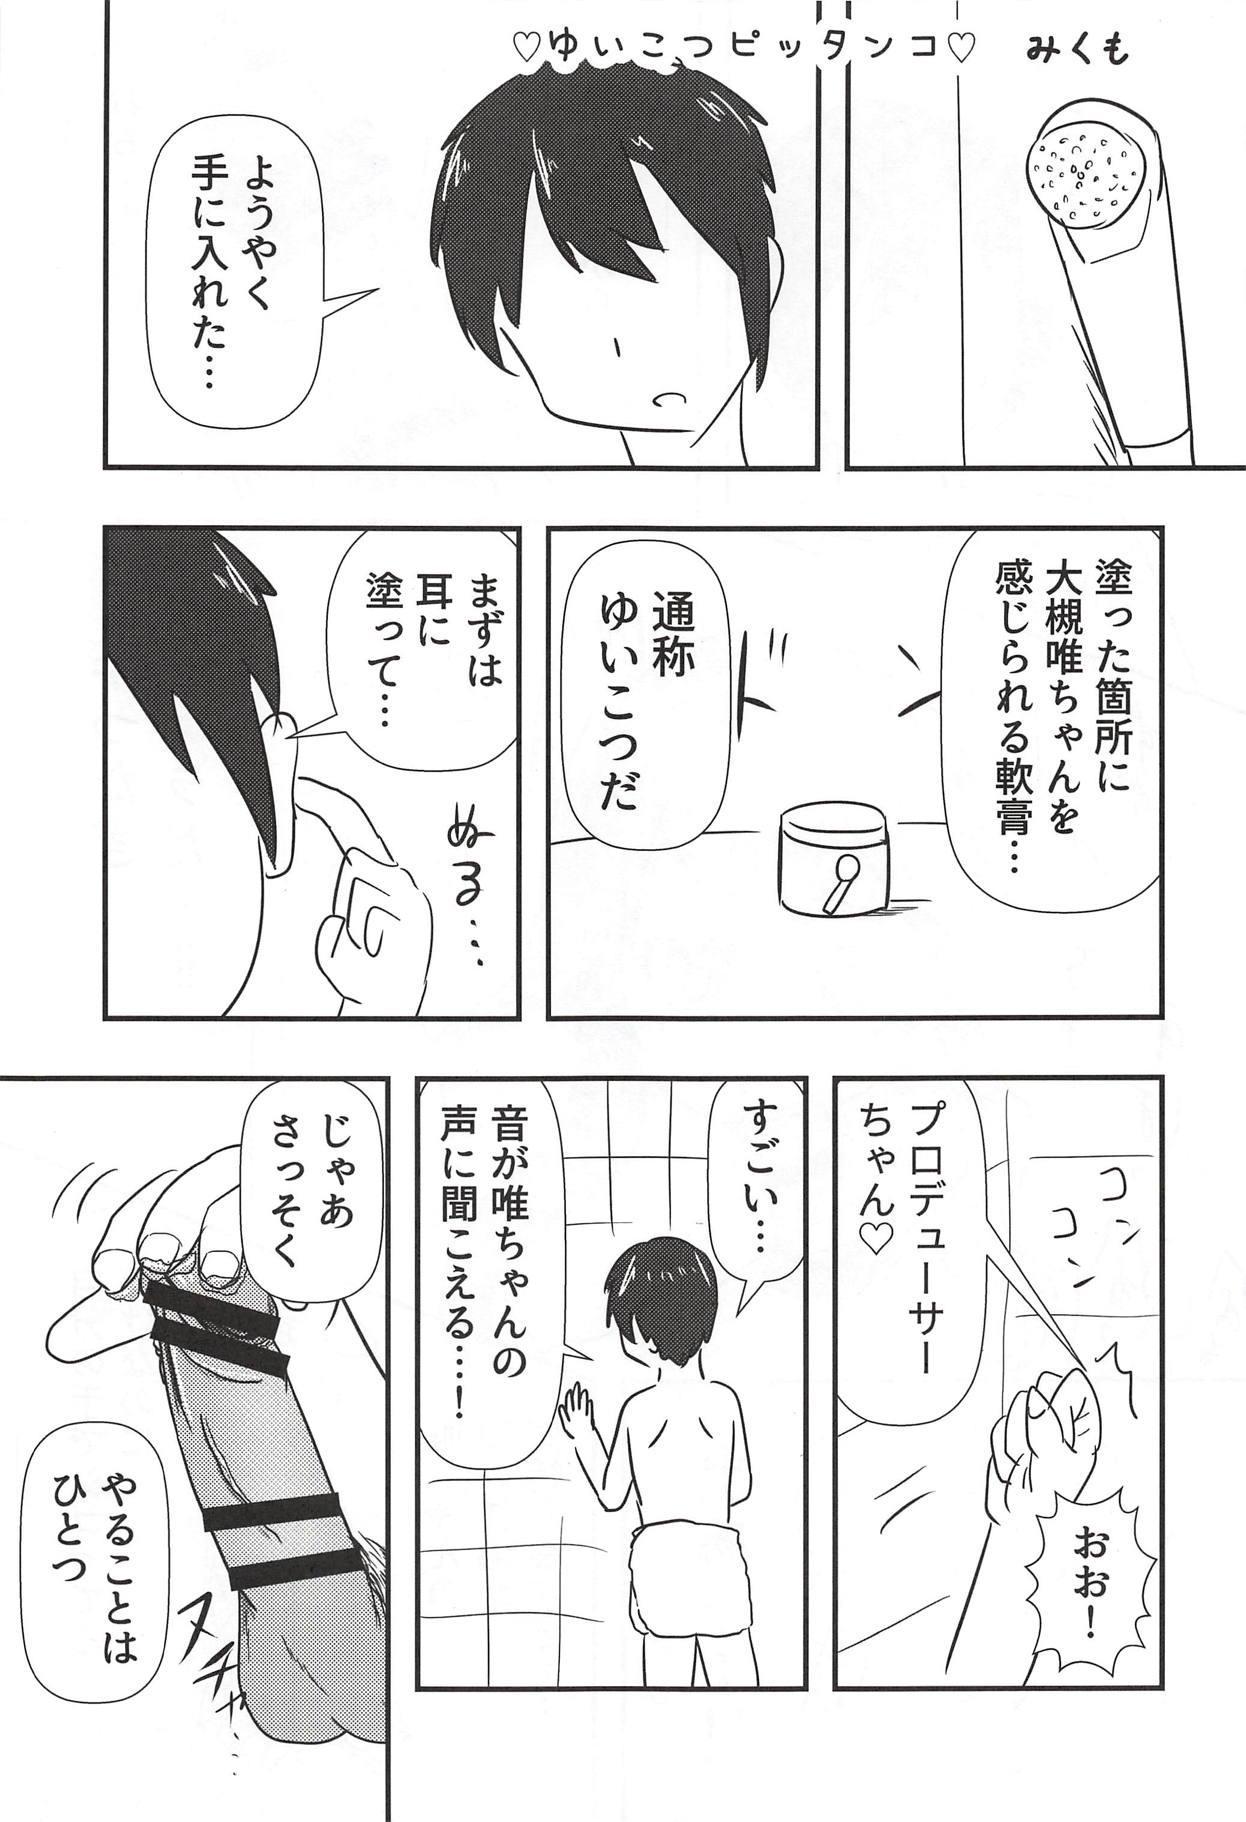 Ootsuki Yui no Viva Ecchi 71